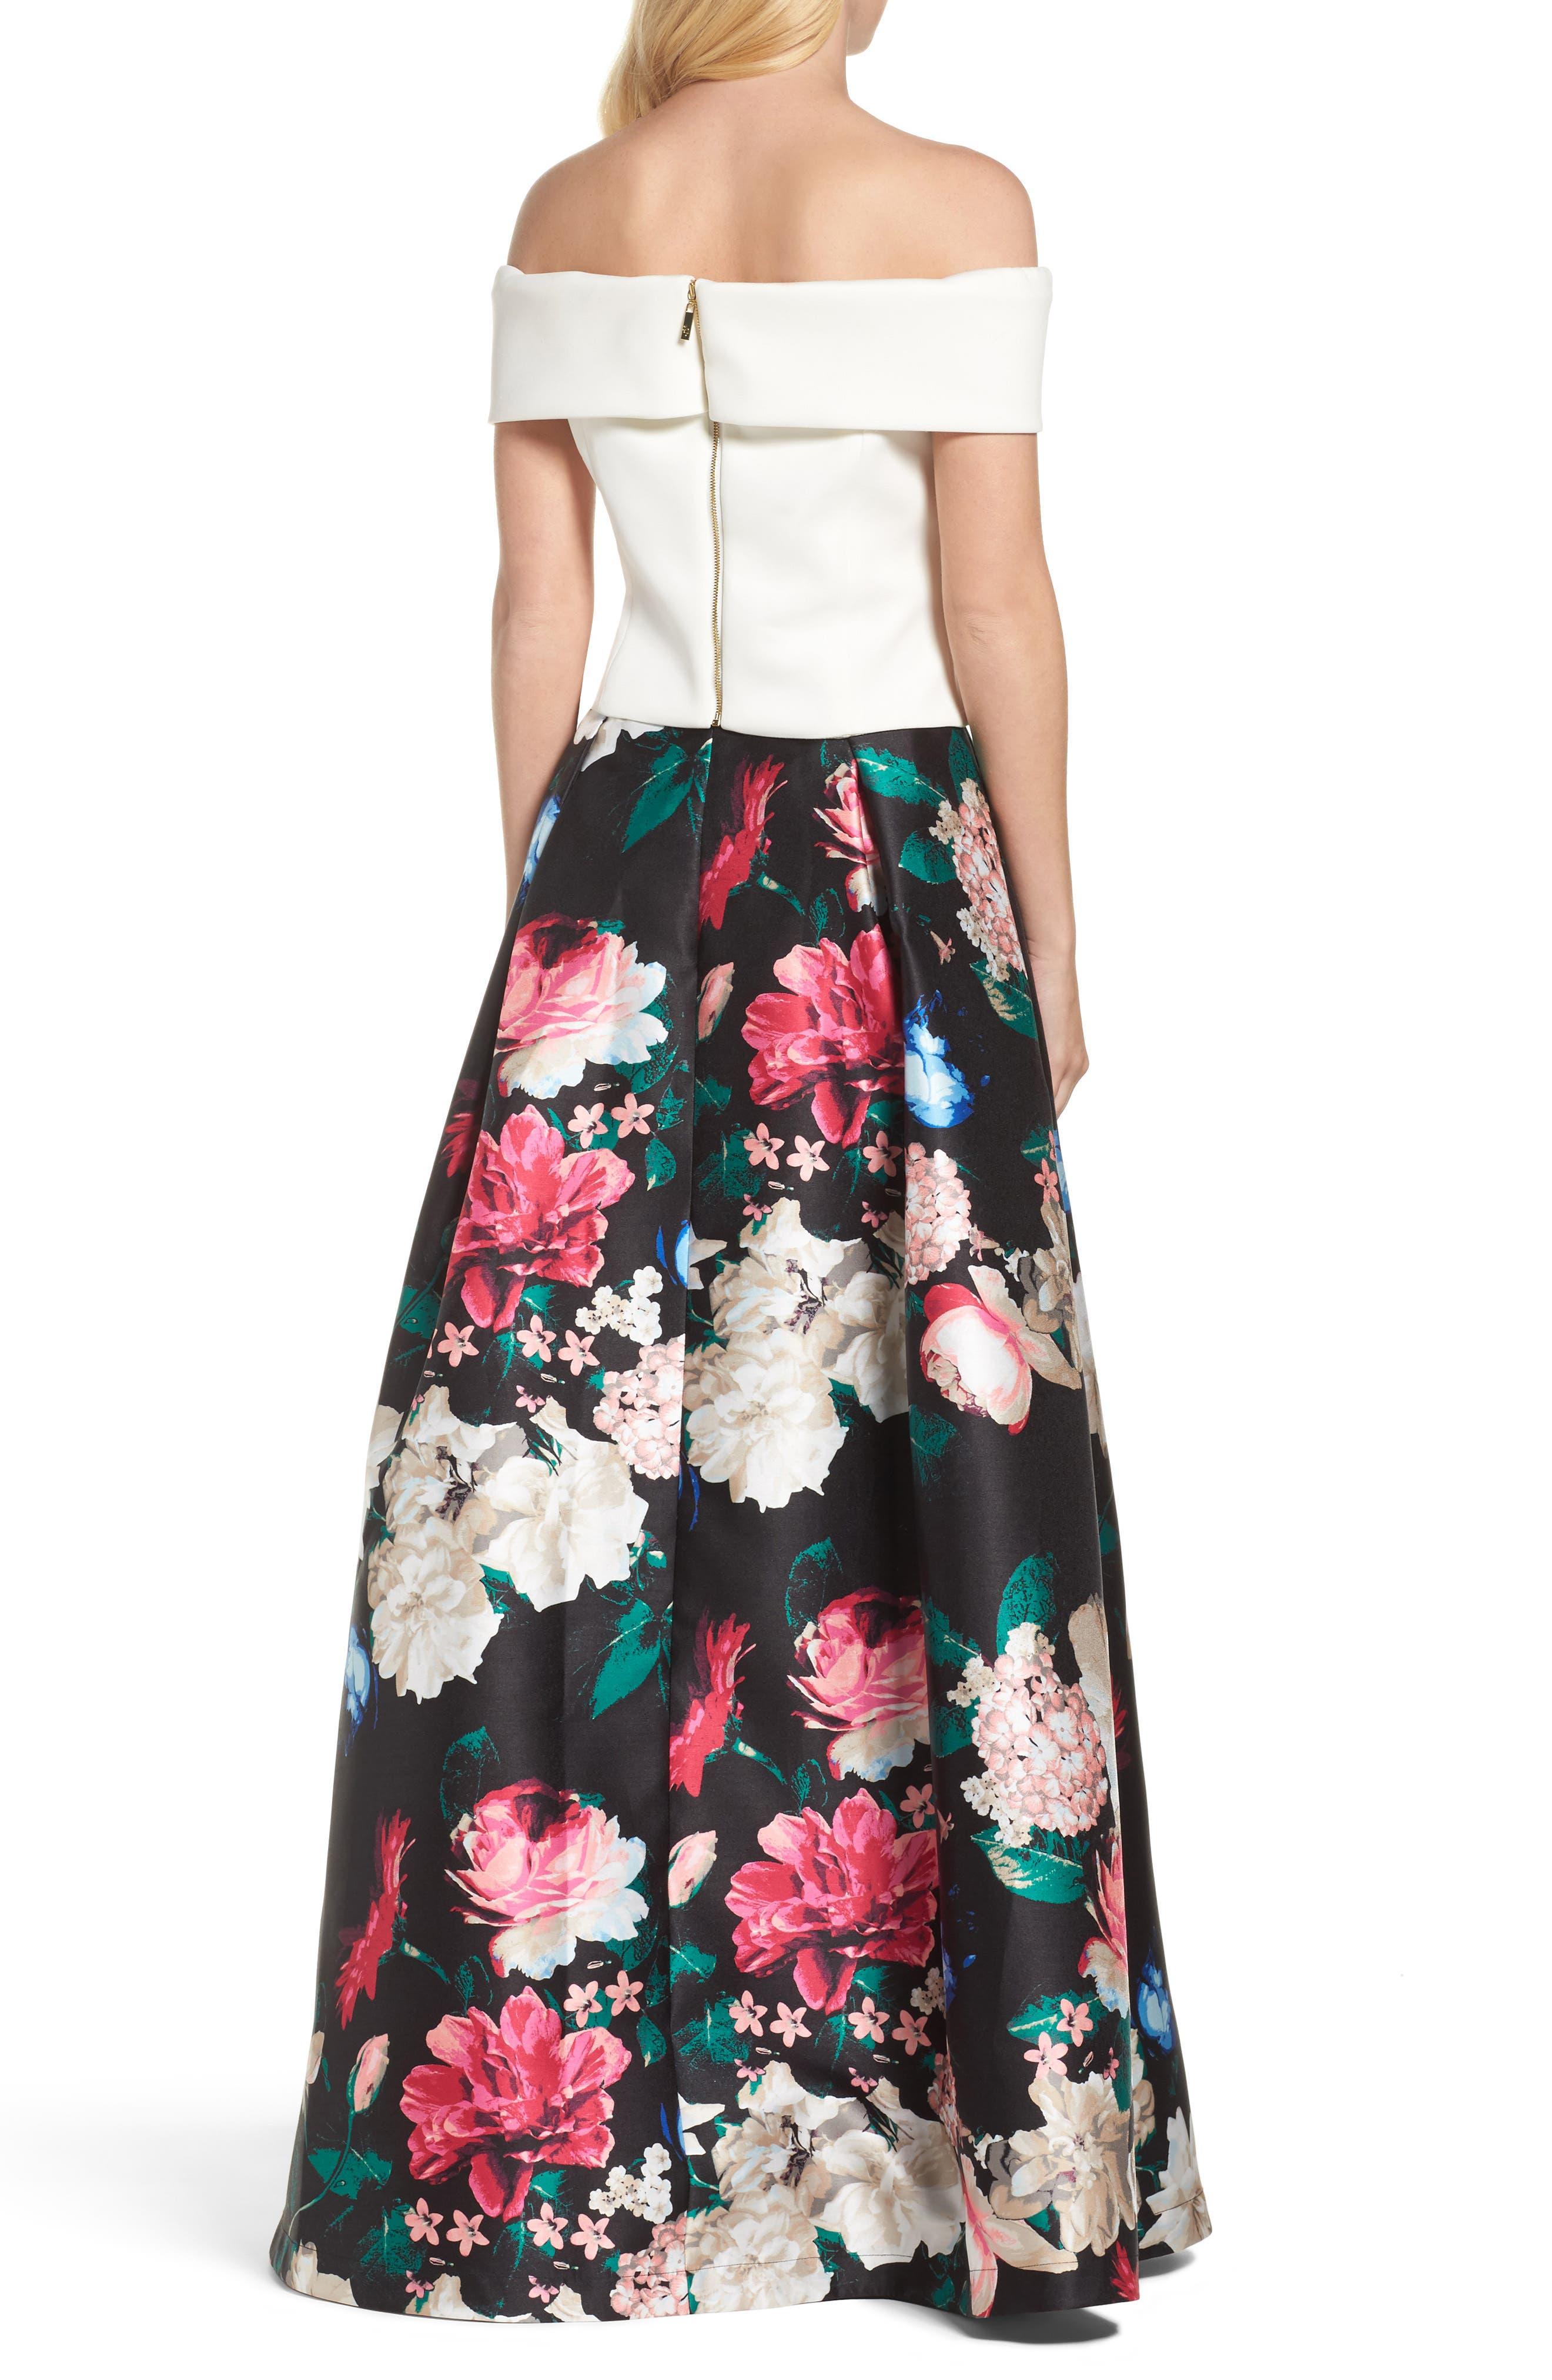 Faille Ball Skirt,                             Alternate thumbnail 4, color,                             Black/ Pink